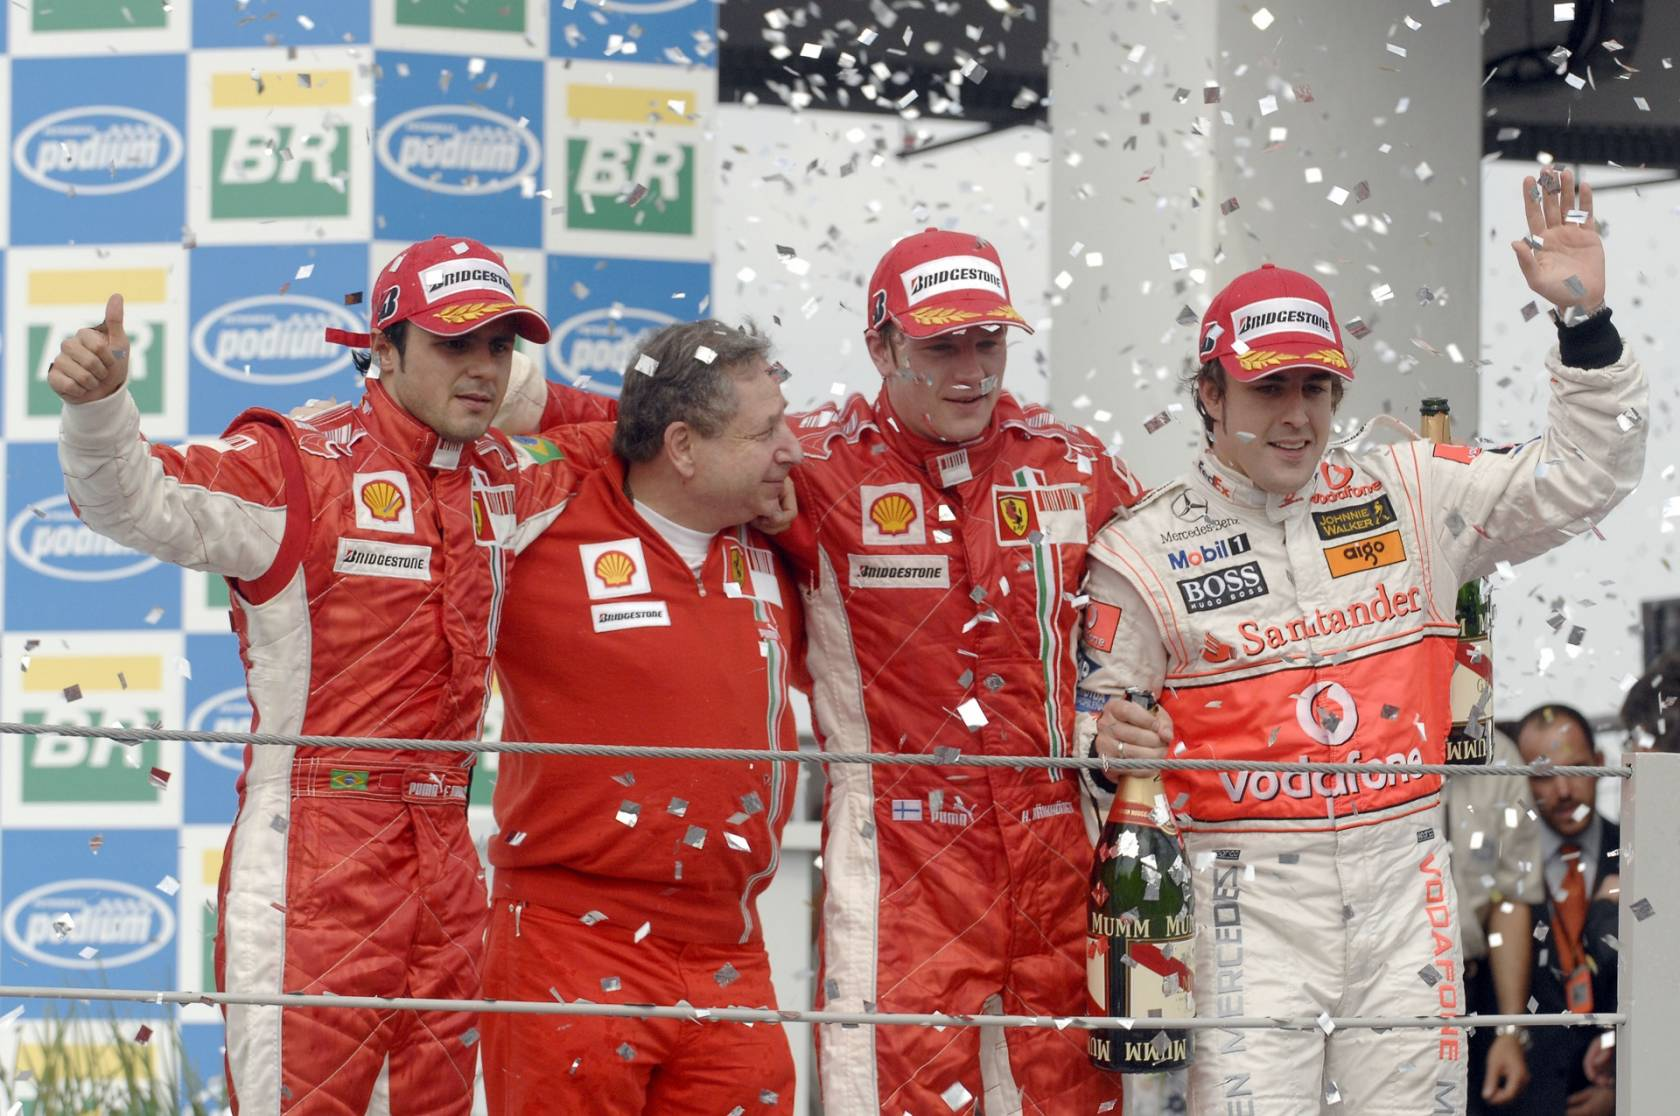 Brazil-F1-2007-podium-Raikkonen-Massa-Al